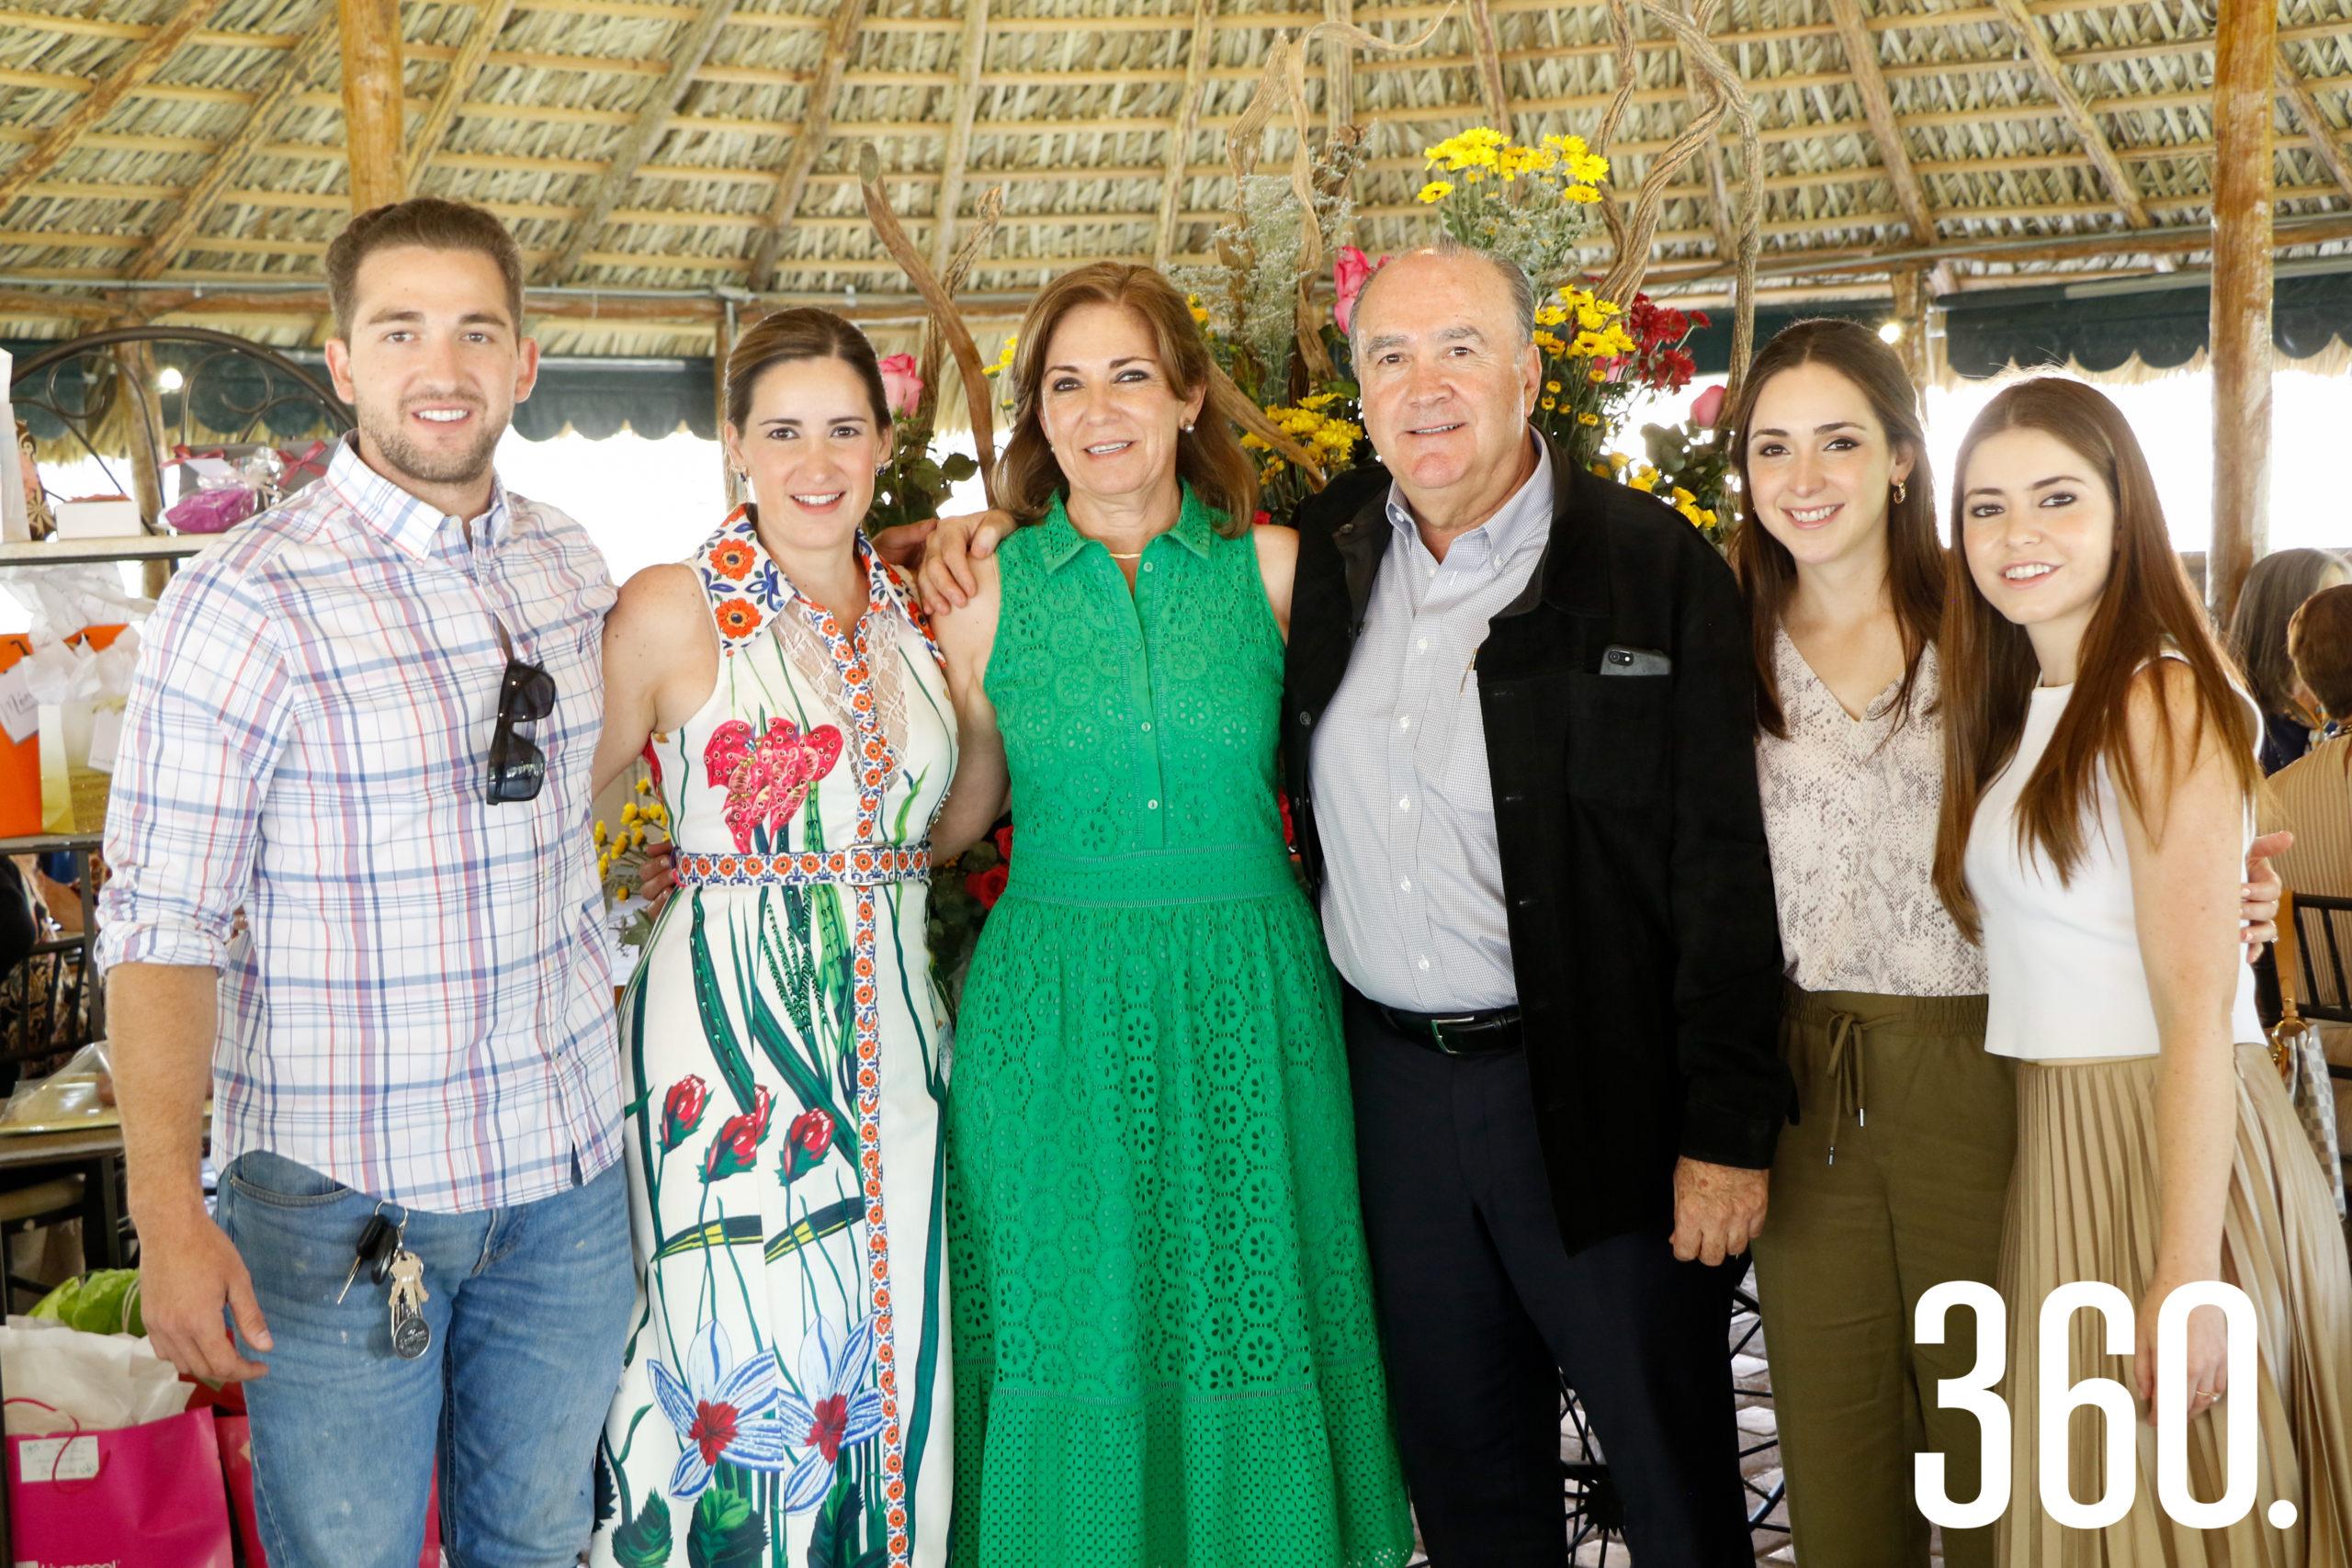 Gloria con sus hijos y su esposo, Jorge Dávila, Gloria Dávila, Jorge Dávila, Valeria Dávila y María Inés Dávila.